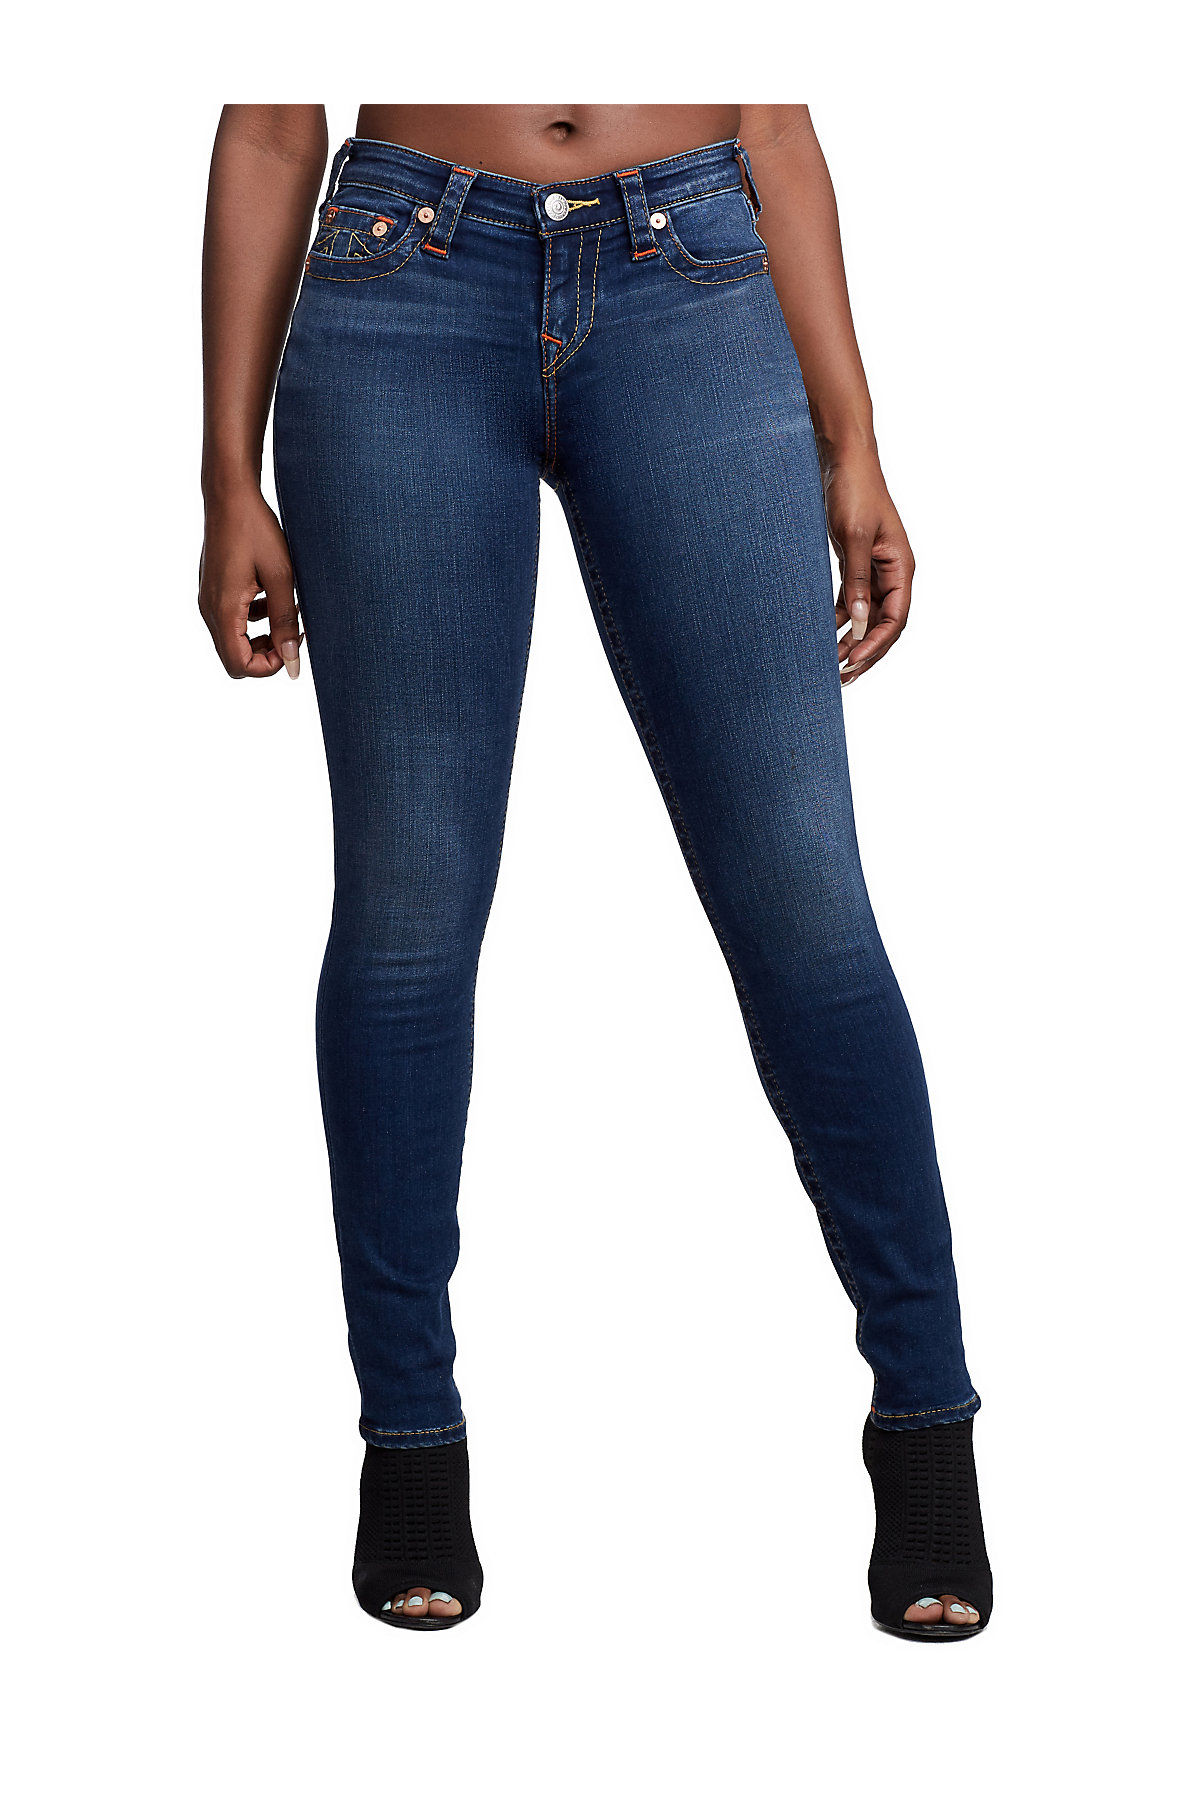 True acchiappasogni skinny Religion donna Jeans da elasticizzati fit in vqwg7tS